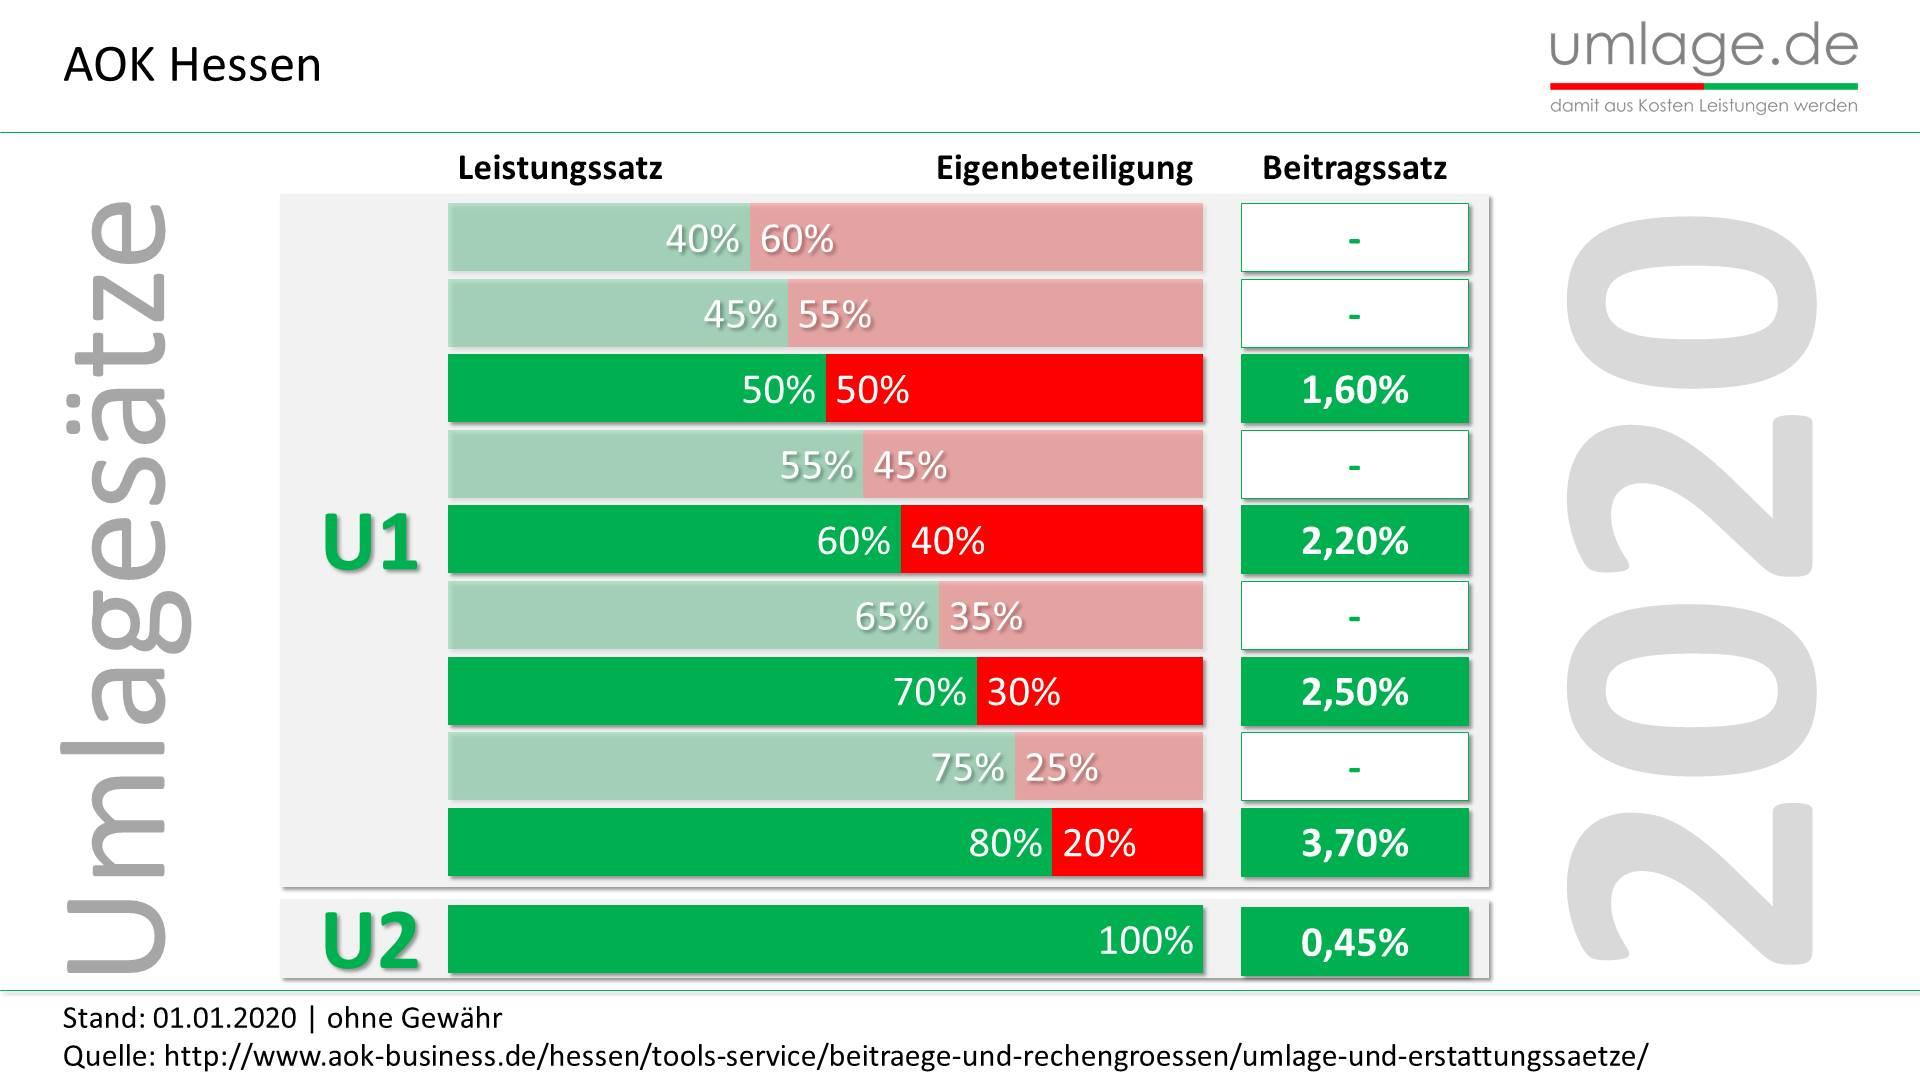 AOK Hessen Umlagesätze 2020 aktuell